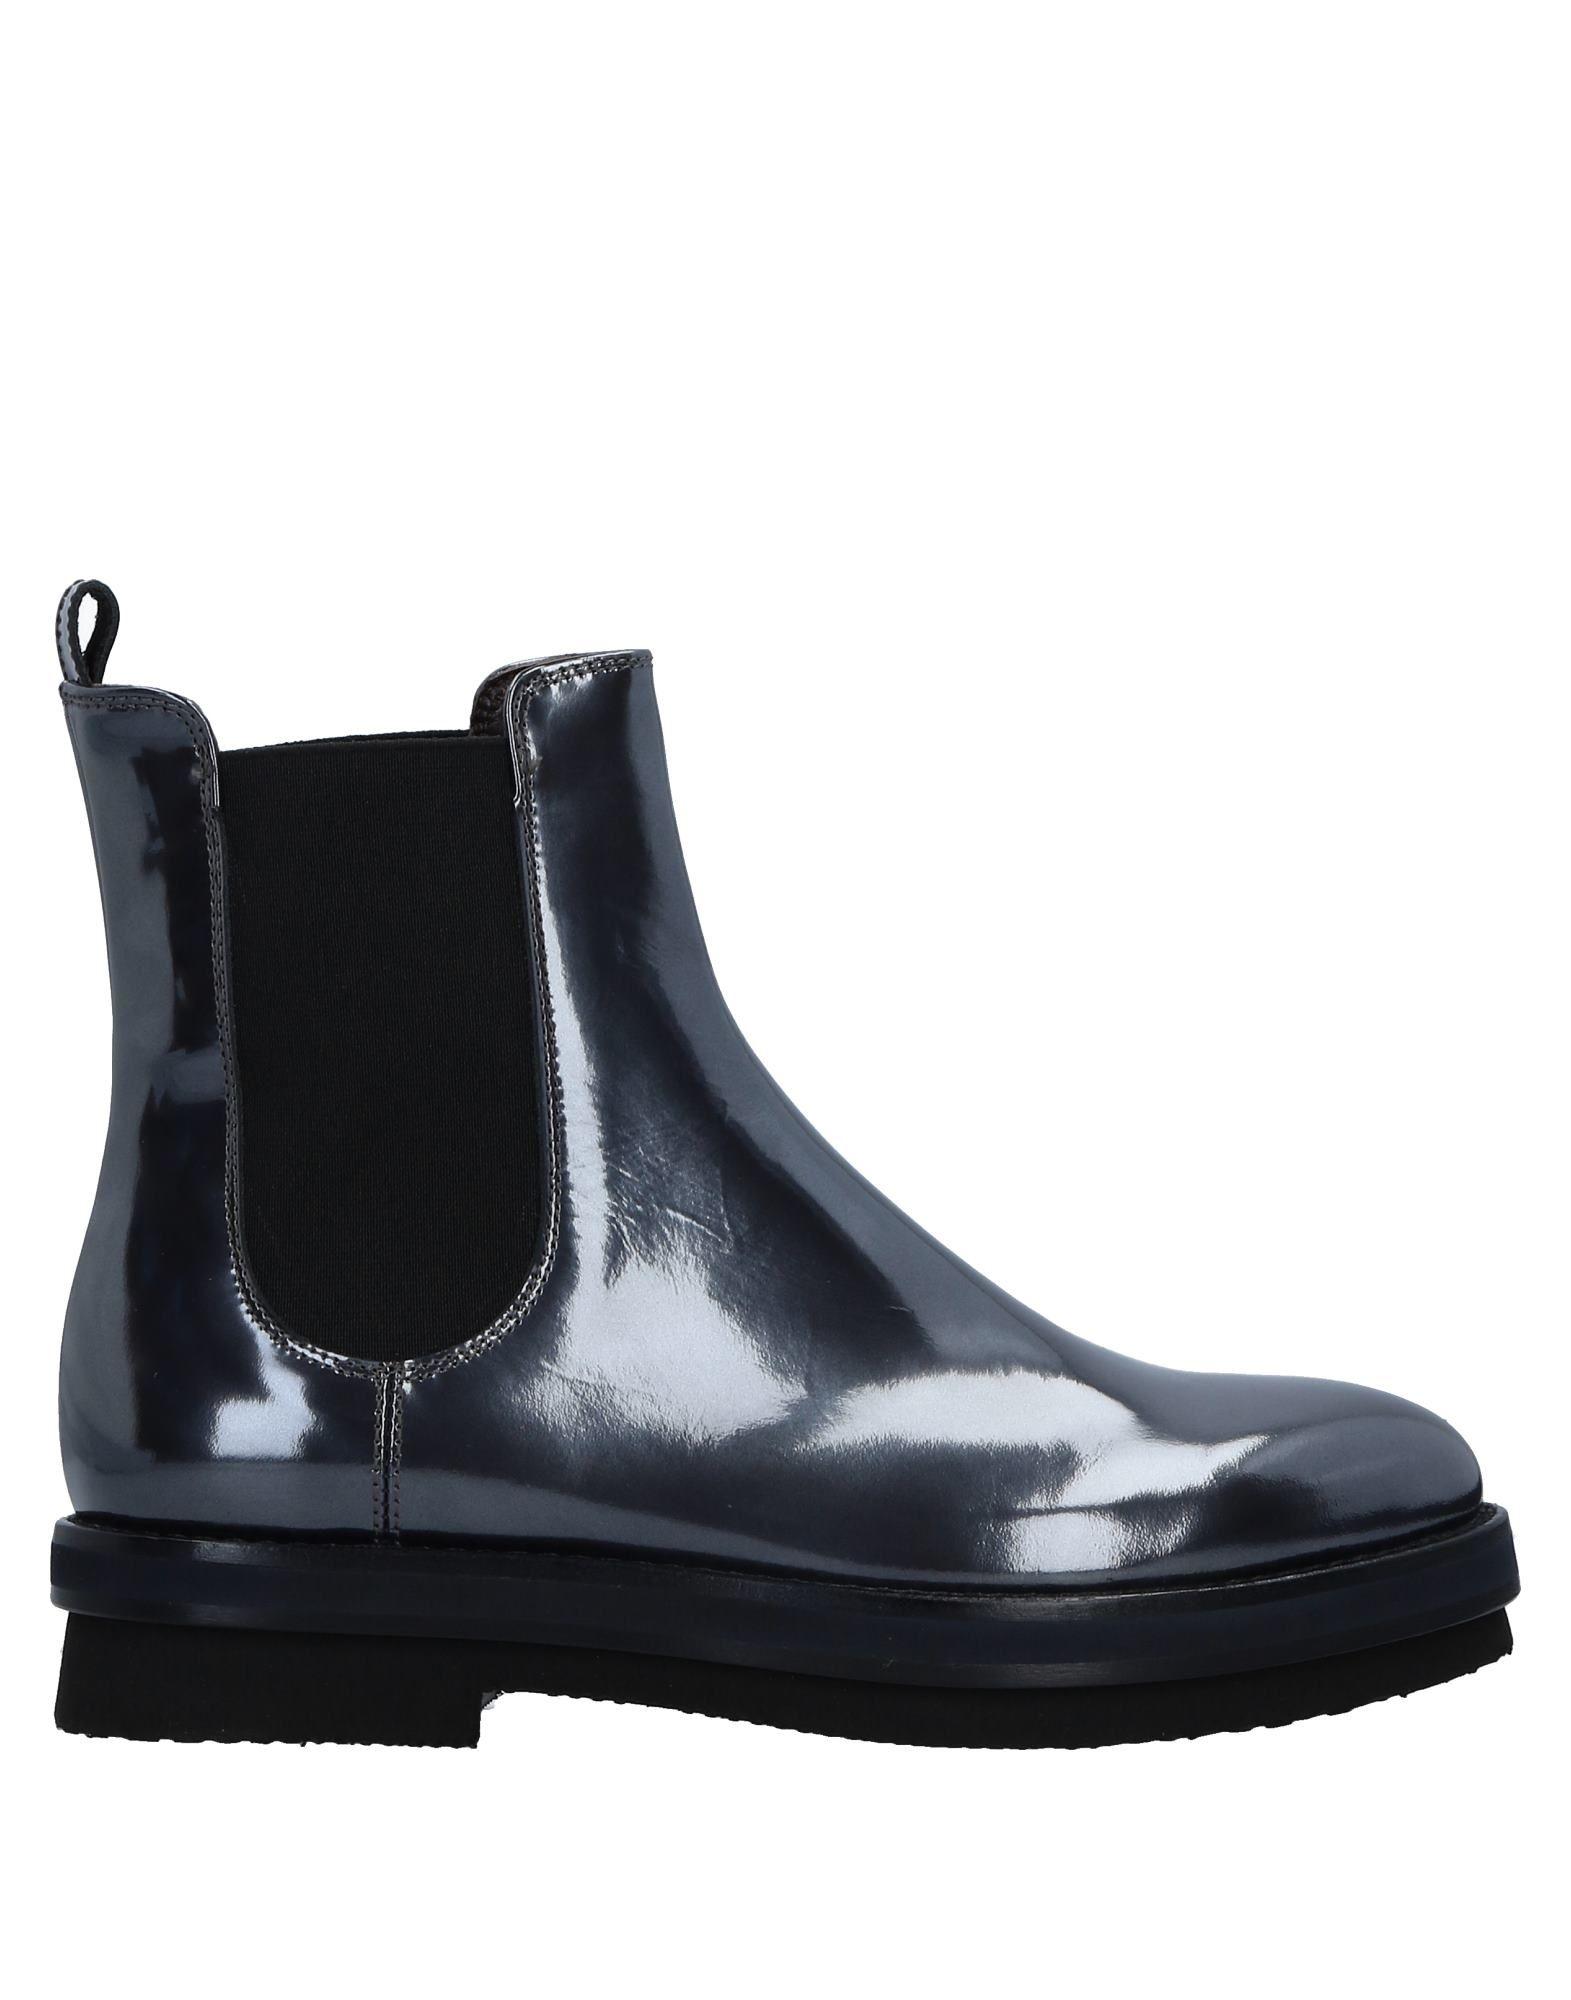 Agl Attilio Giusti Leombruni Chelsea Boots Damen  11539929URGut aussehende strapazierfähige Schuhe